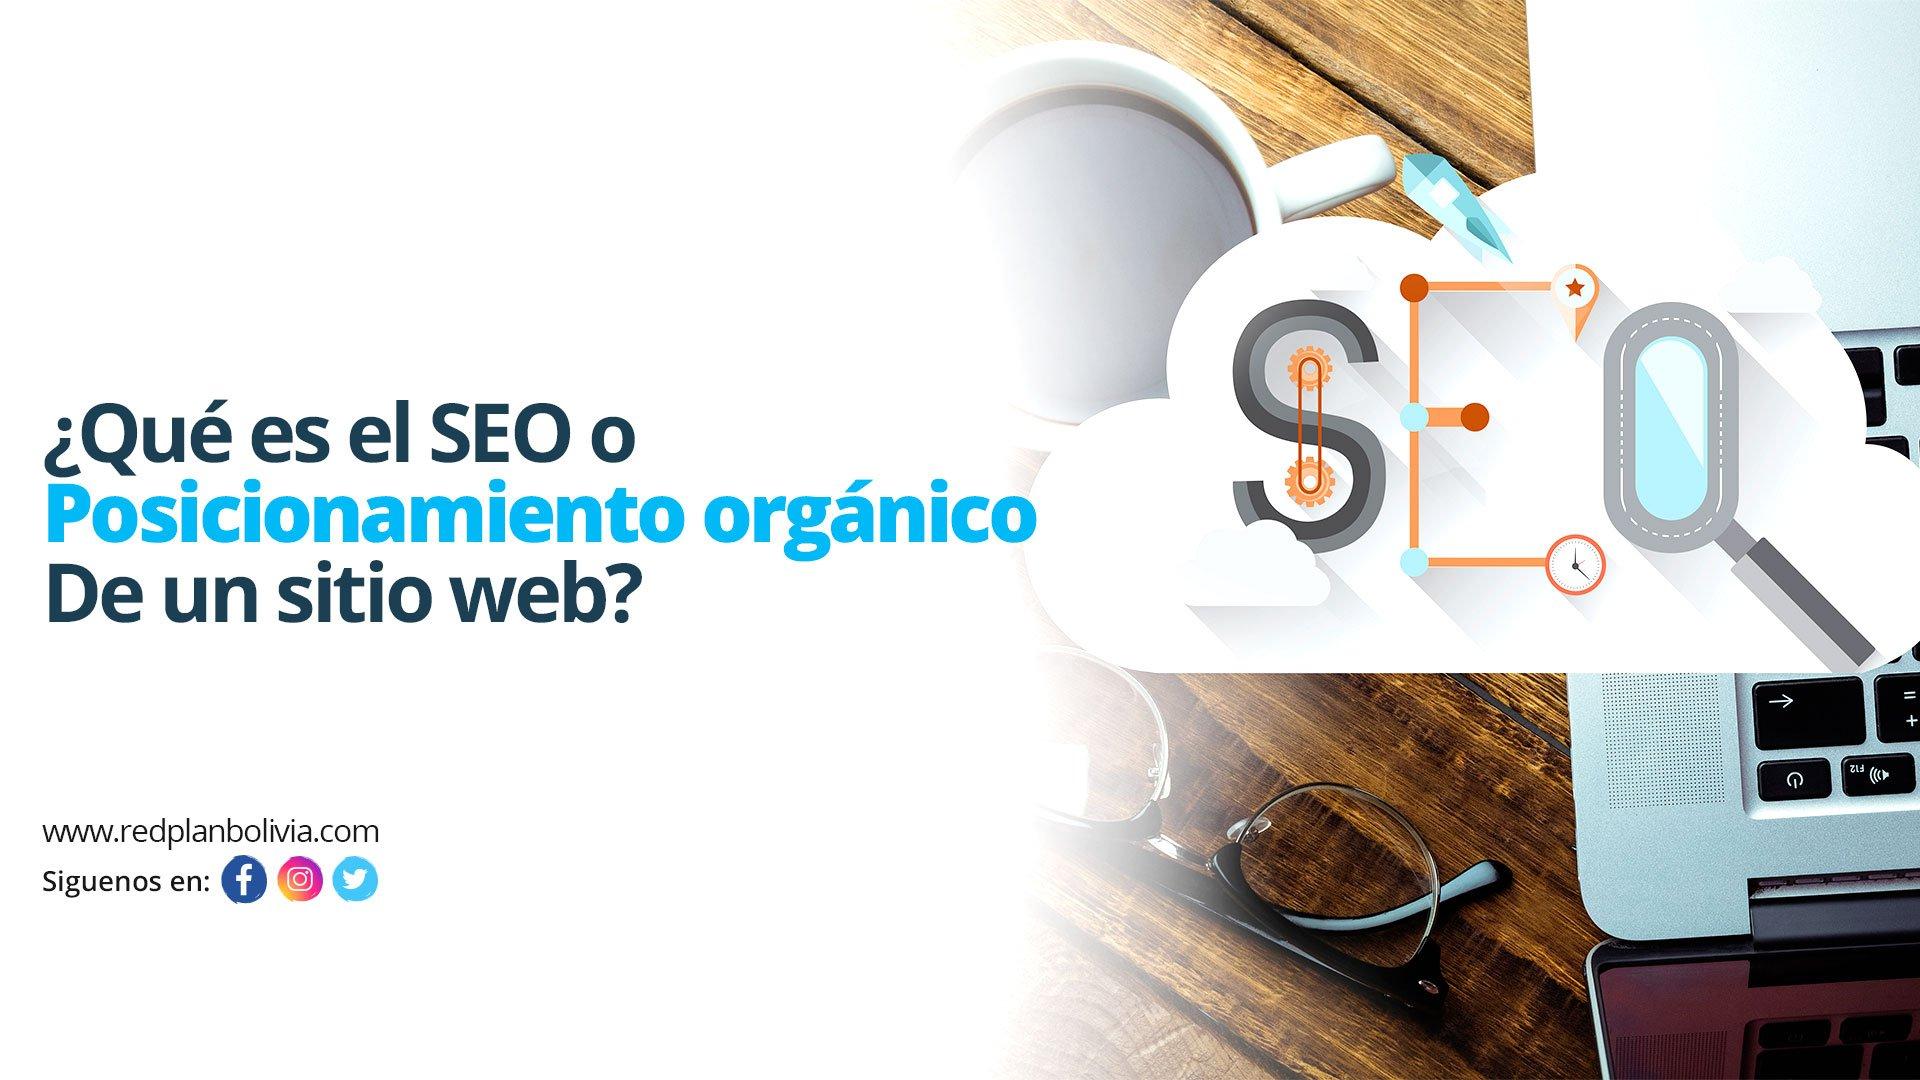 Que es el posicionamiento SEO posicionamiento orgánico de un sitio web